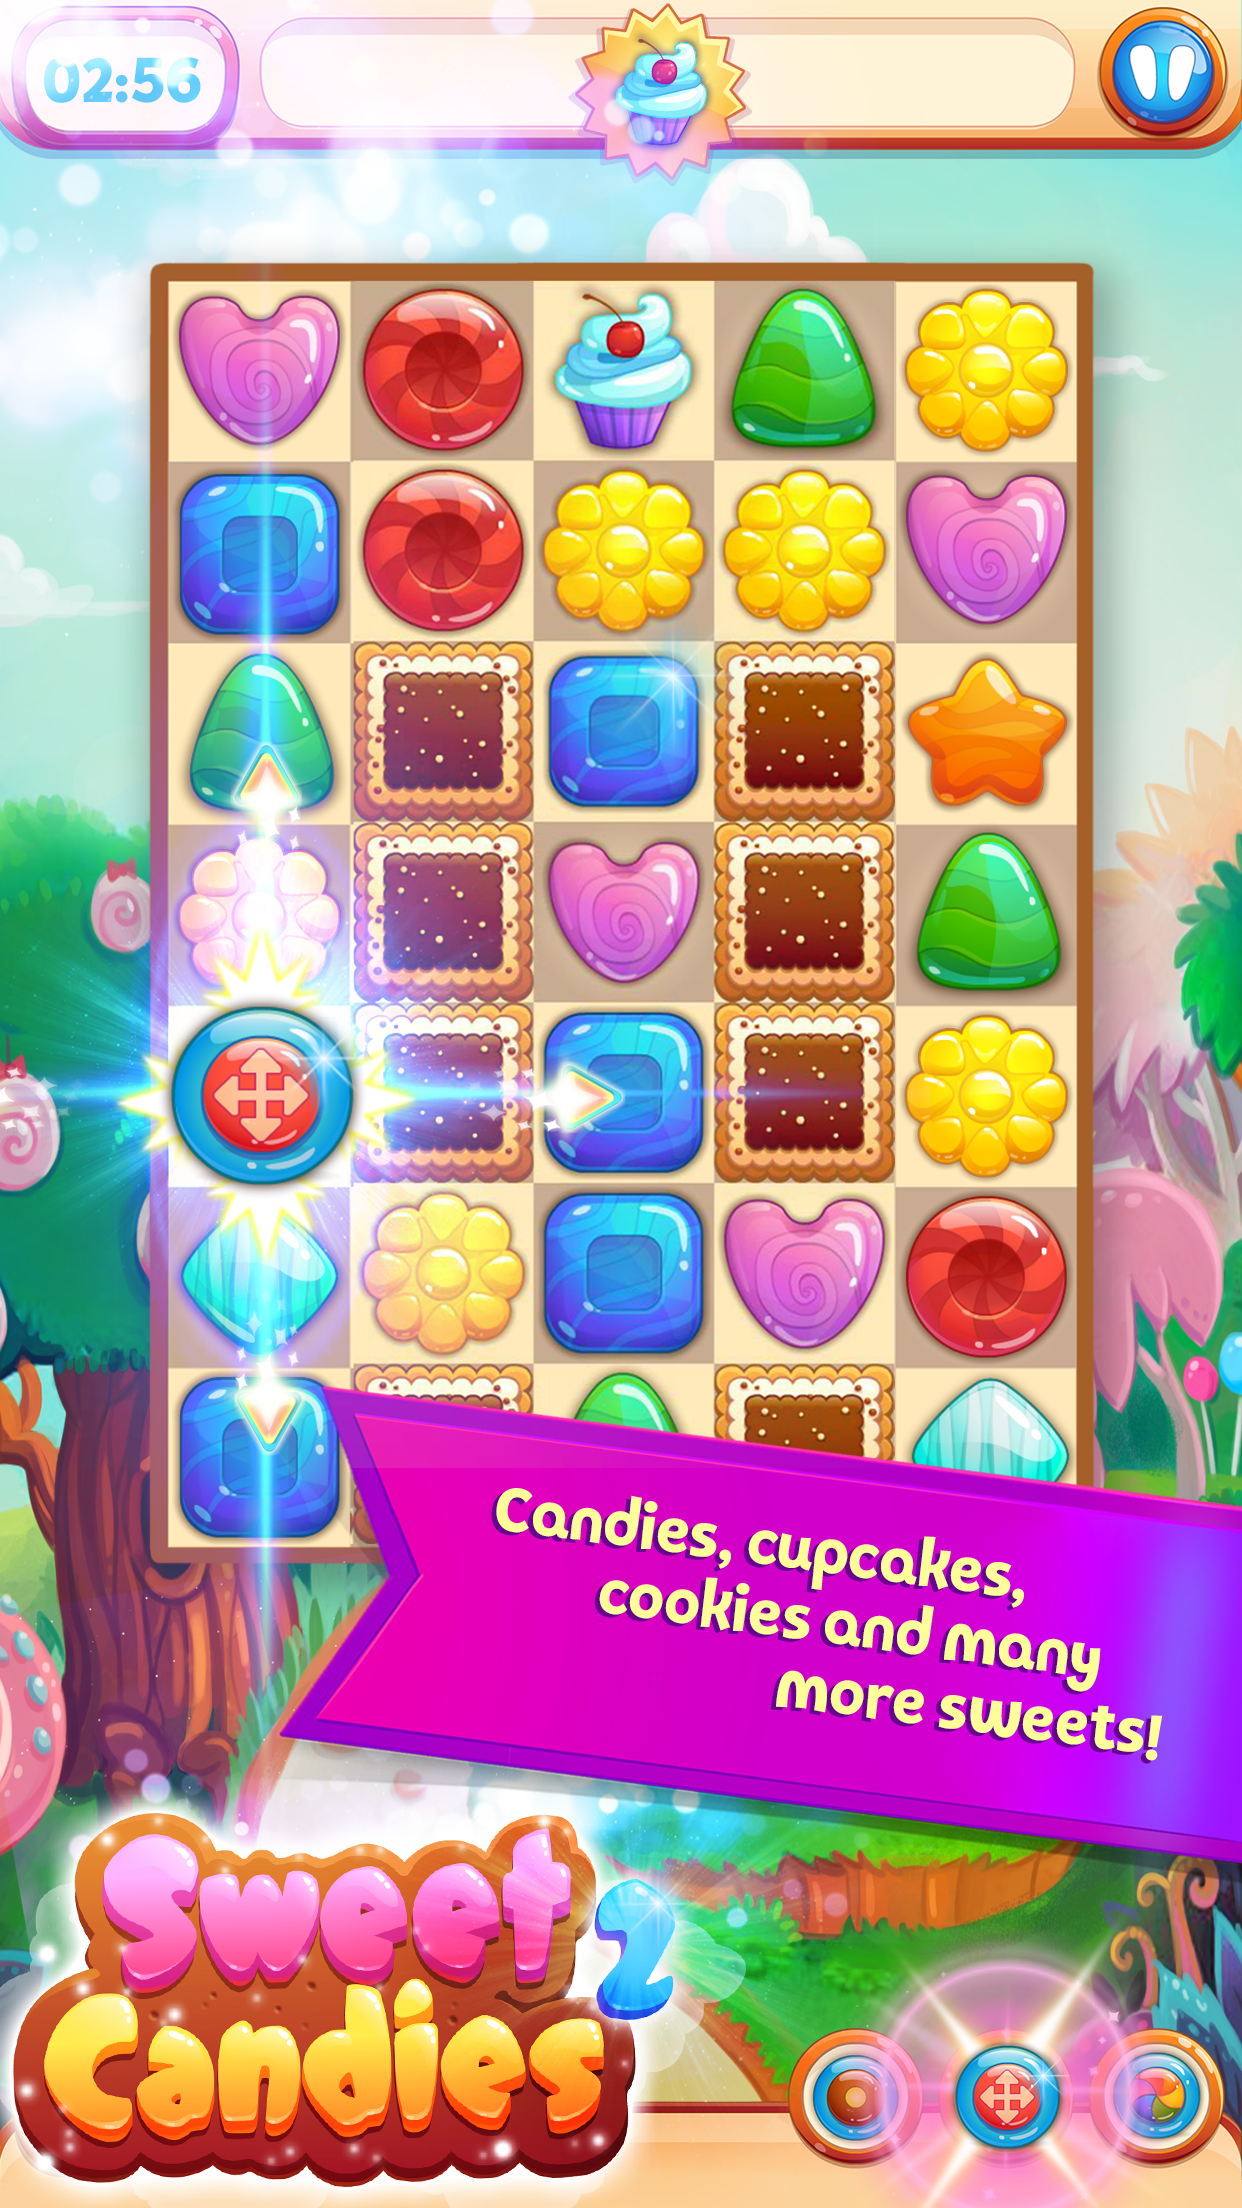 Sweet Candies 2 - Huge Match 3 Screenshot